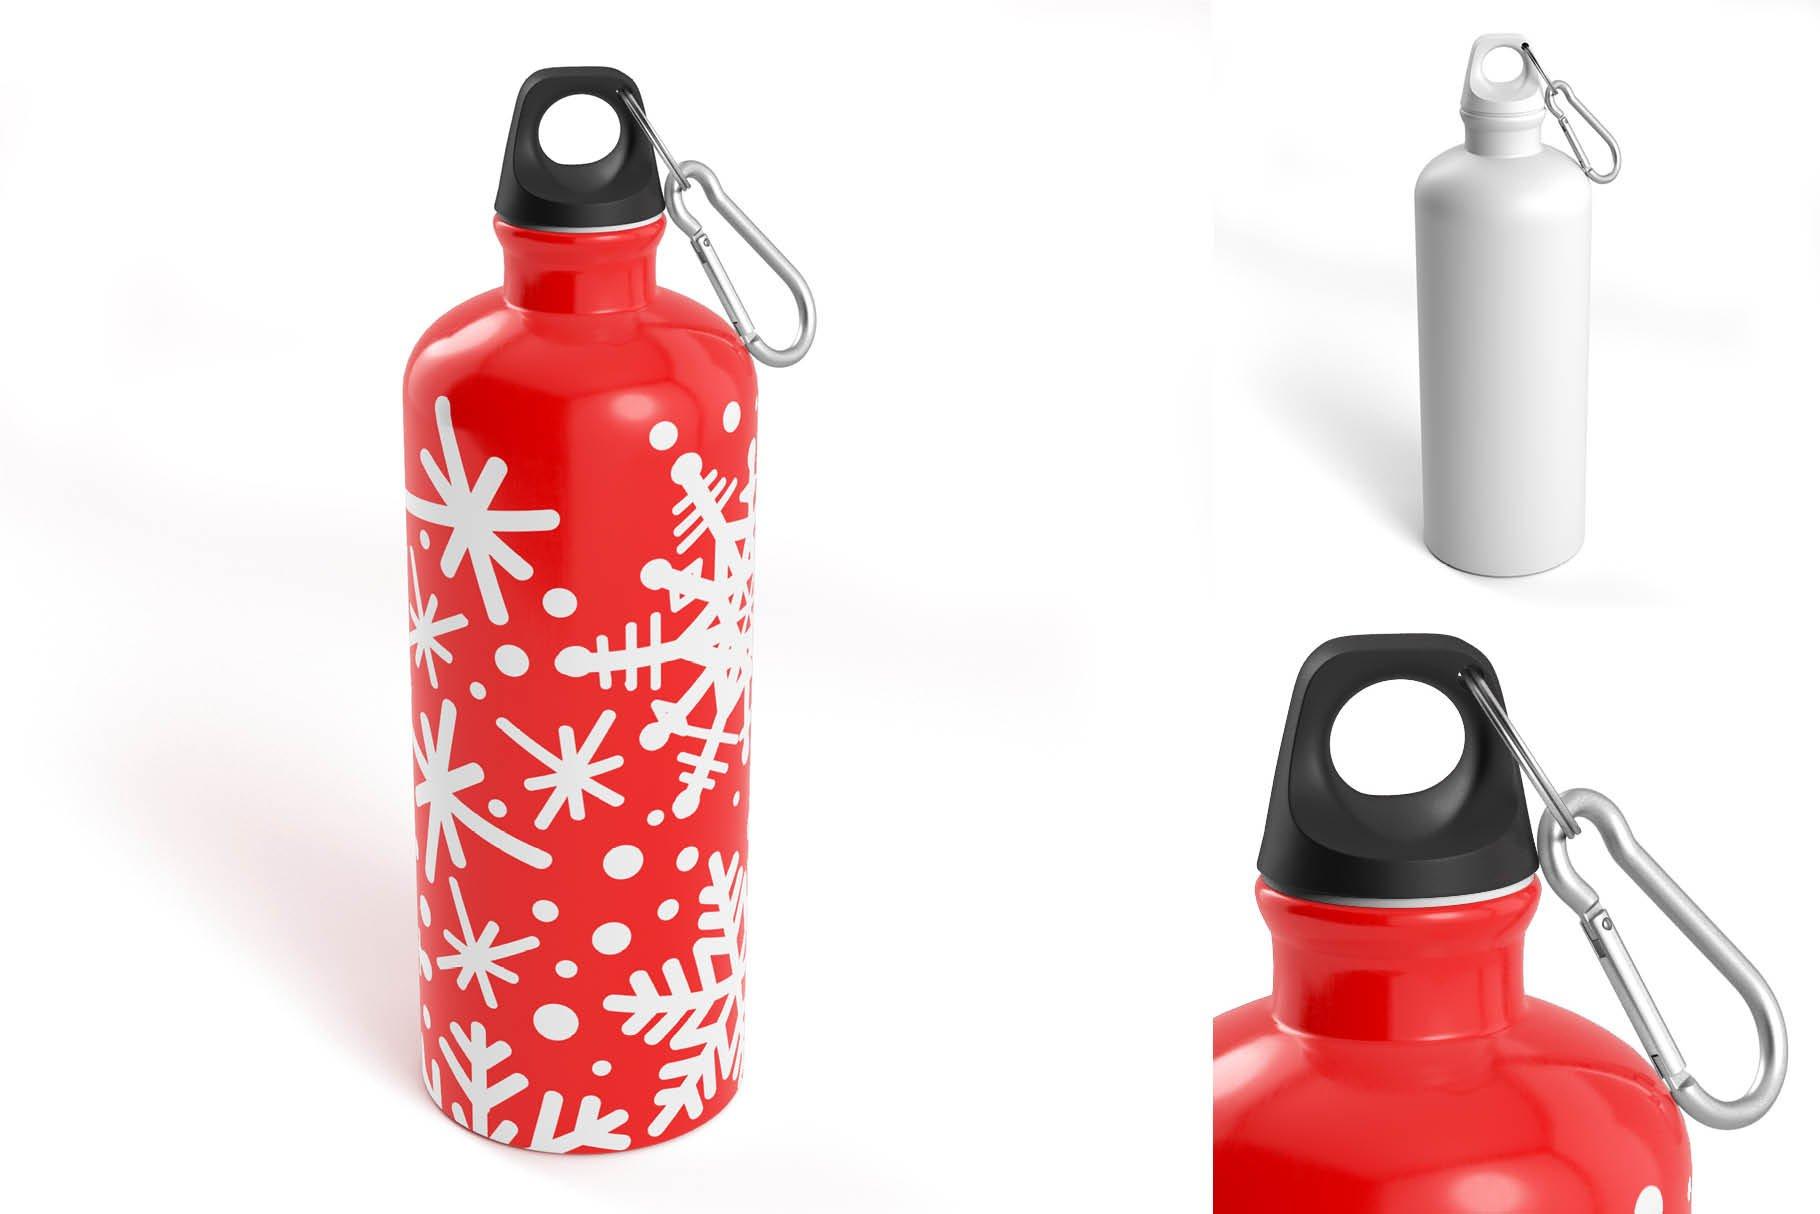 5款不锈钢保温水杯设计智能贴图样机模板 Aluminium Water Bottle Mock-Up插图5